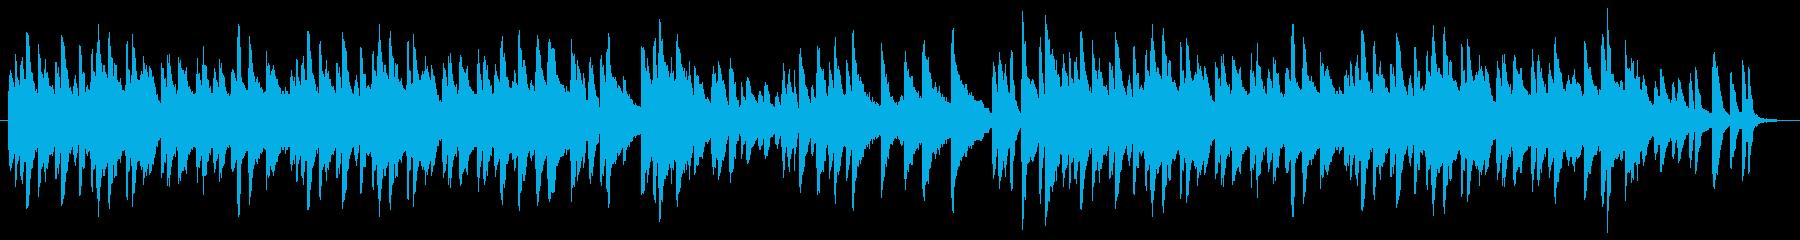 カワイイじゃれあいイメージのピアノ曲の再生済みの波形